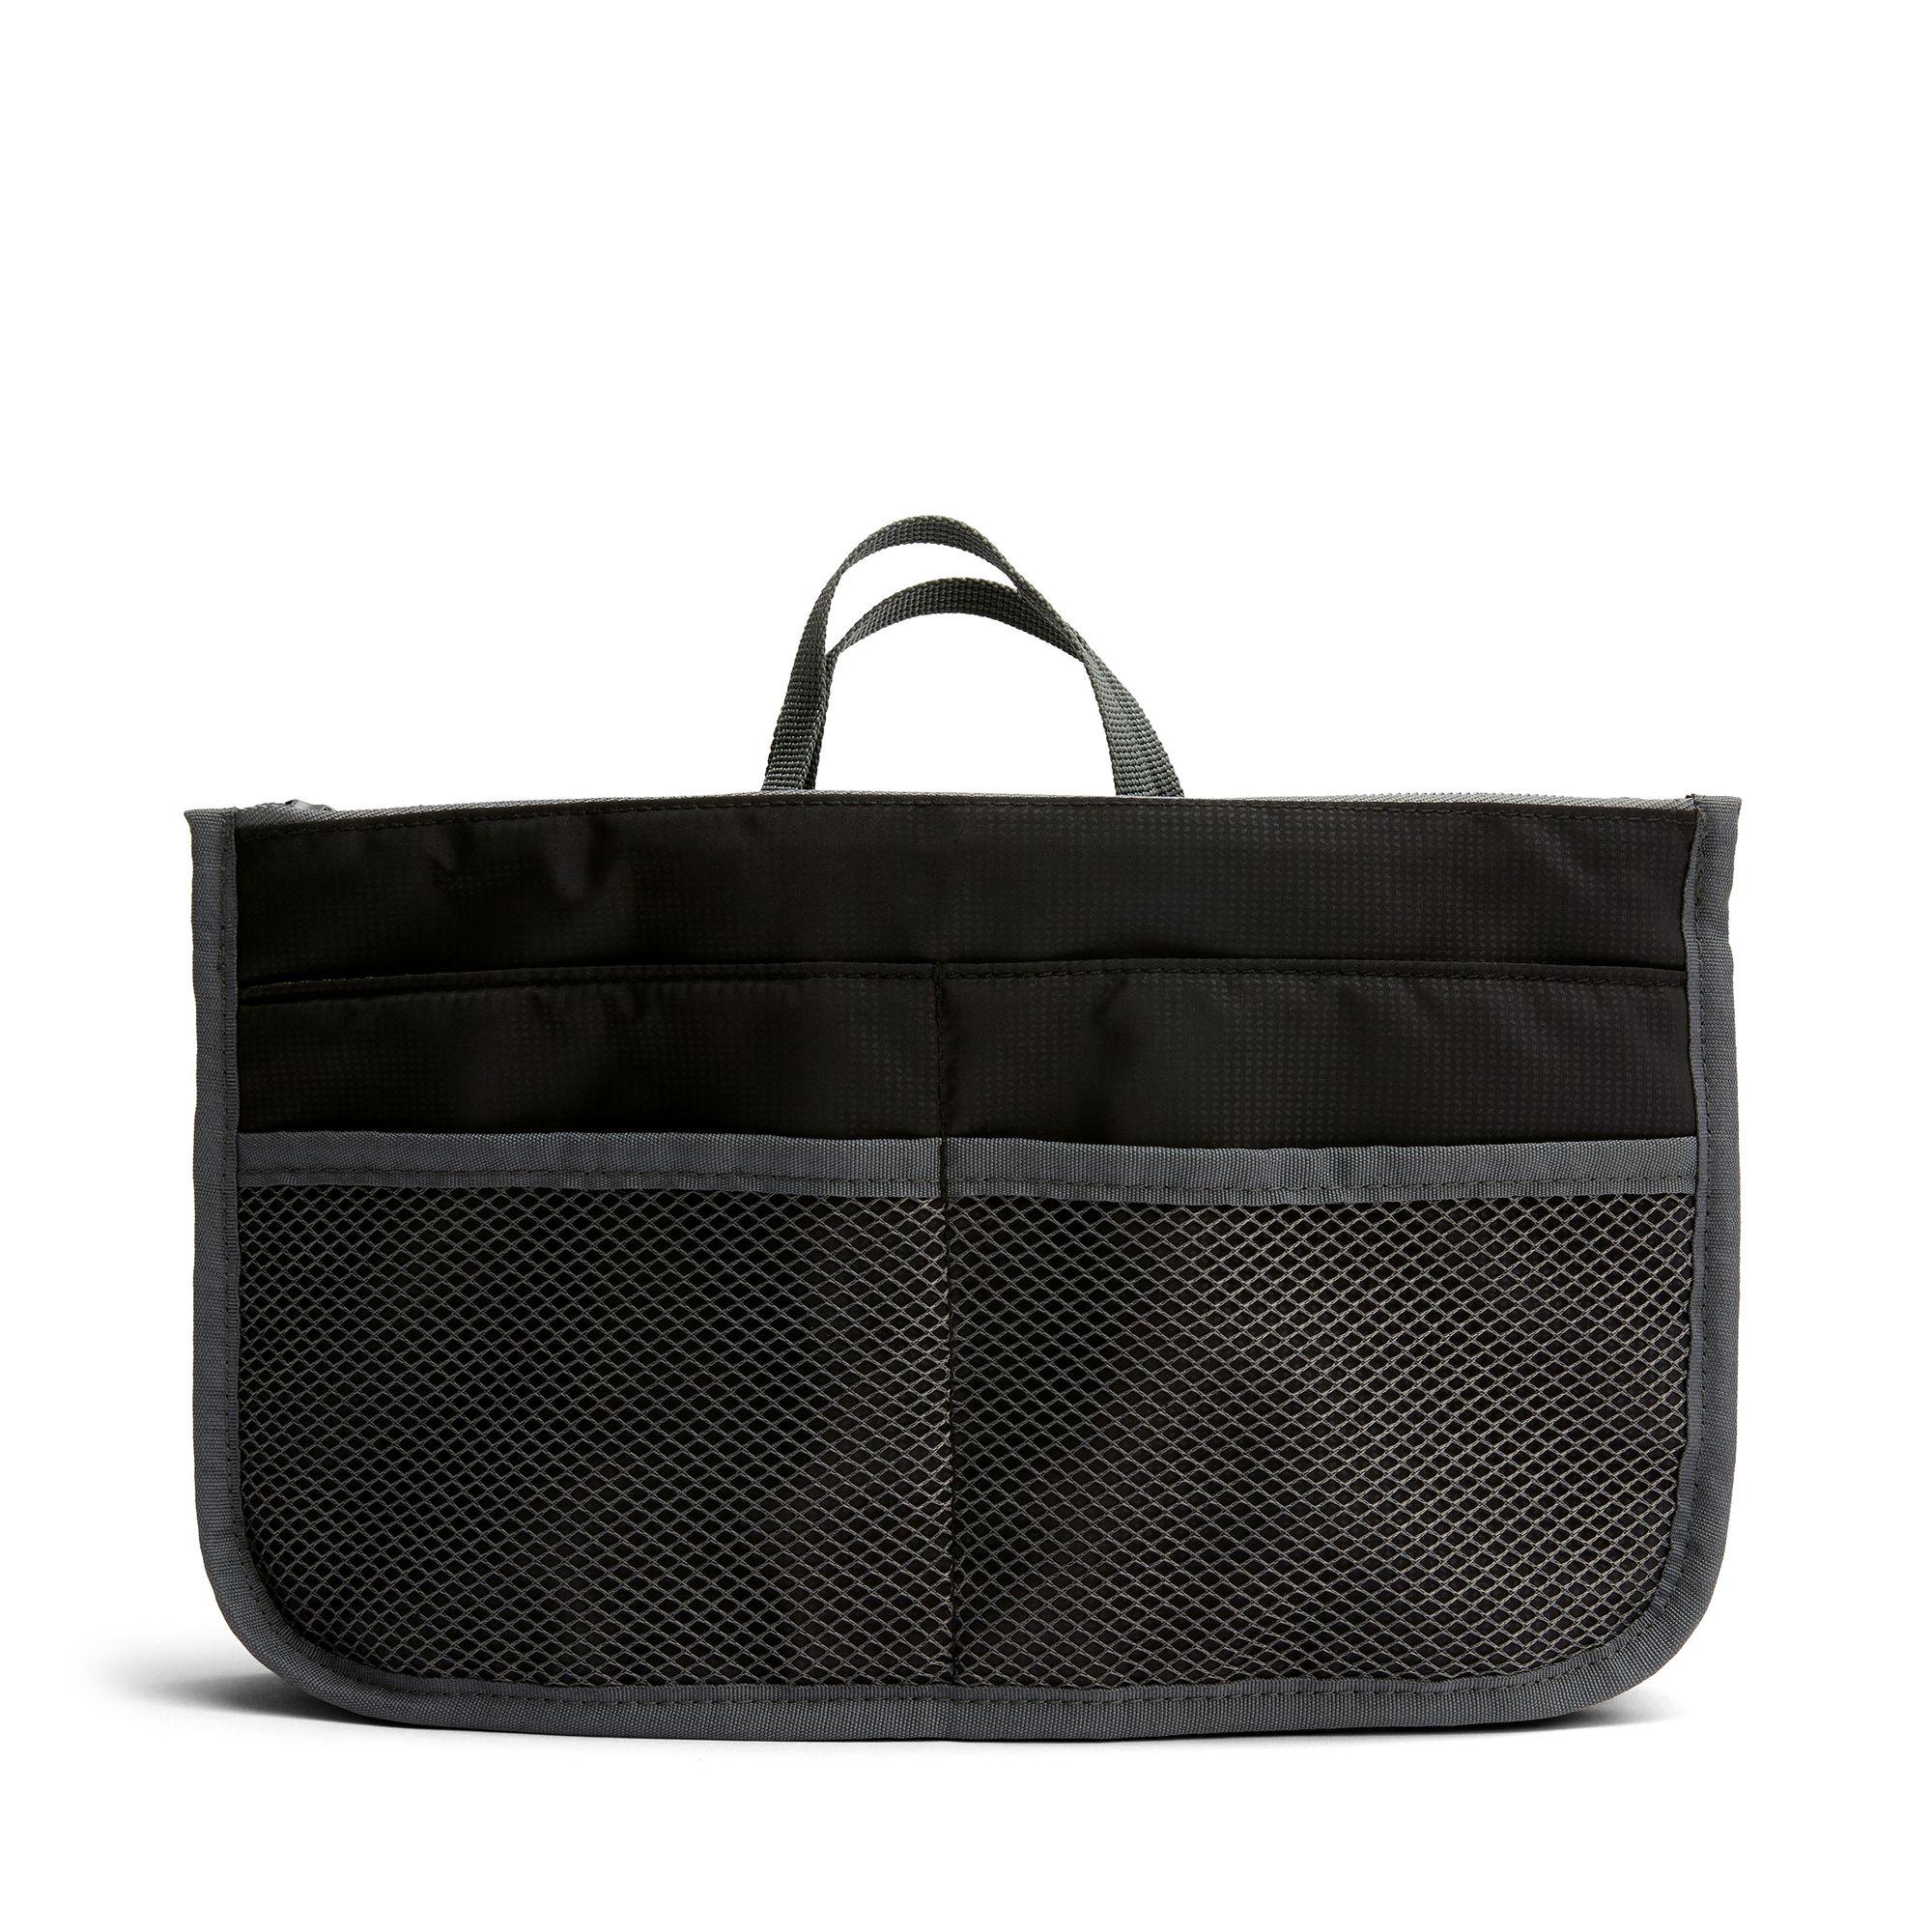 Bilde av A-to-b Bag In Bag Veskeinnsats, Svart